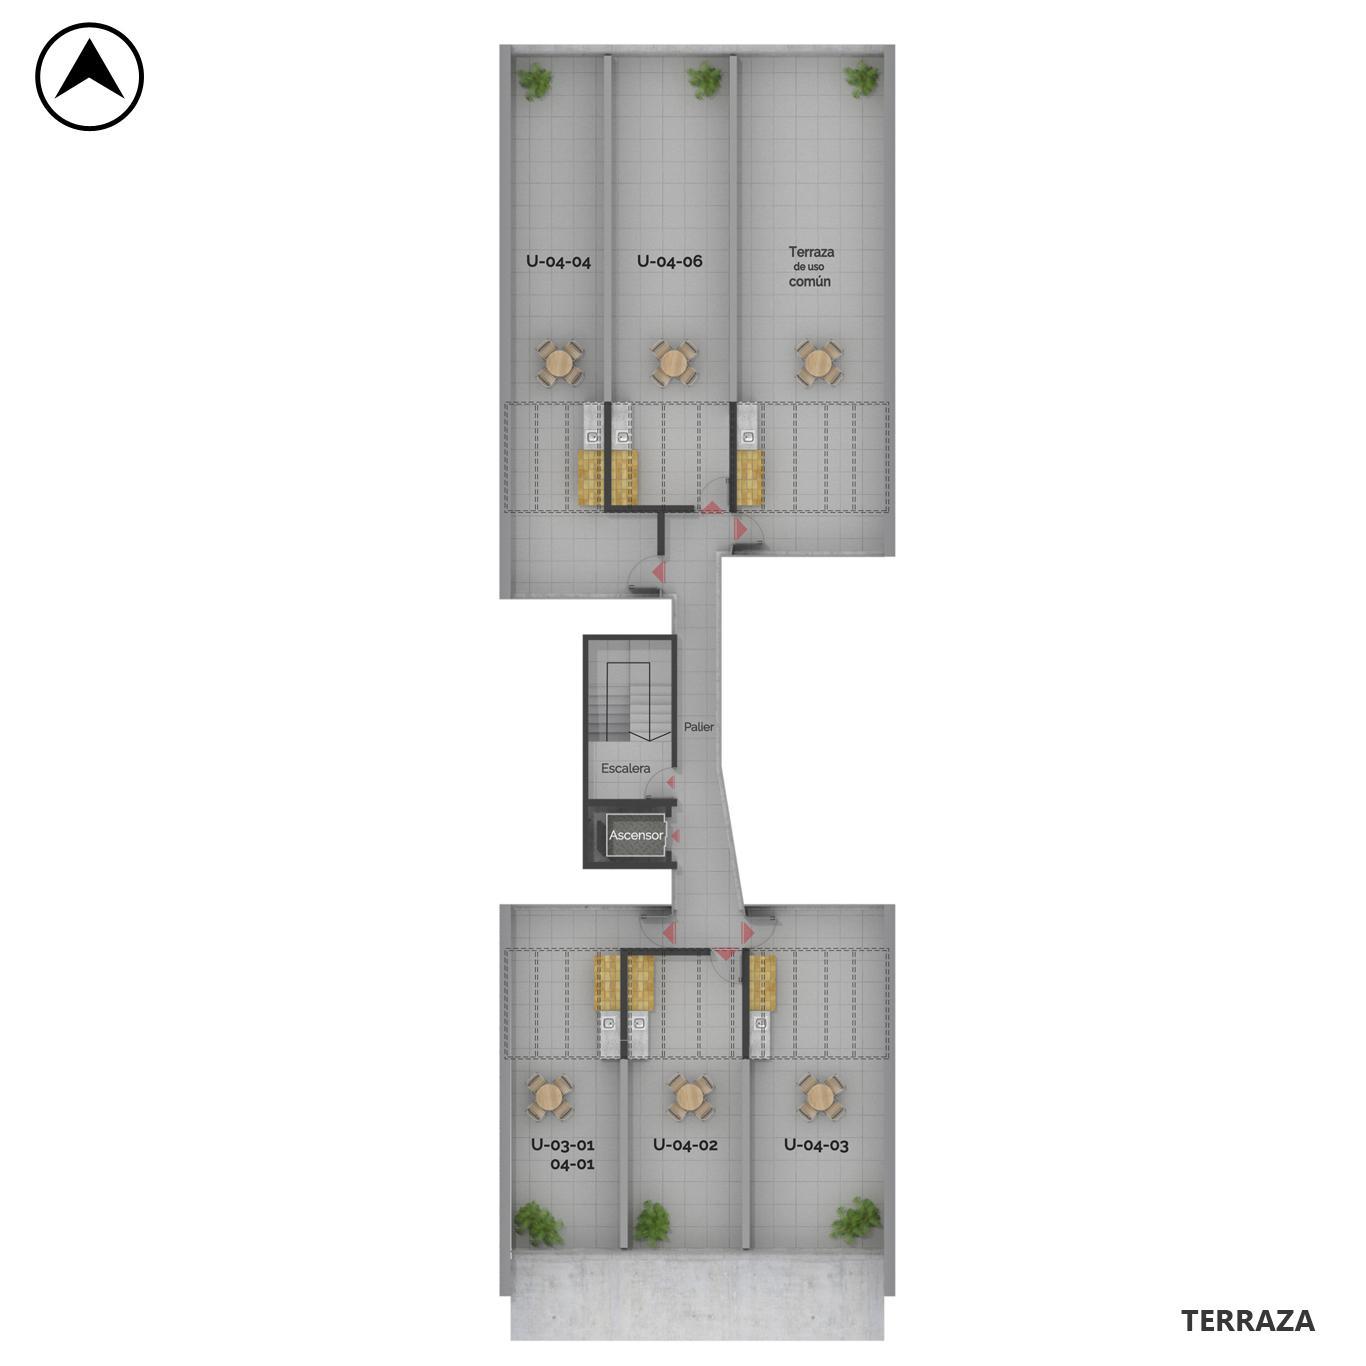 Venta departamento 1 dormitorio Rosario, Centro Oeste. Cod CBU24040 AP2248123. Crestale Propiedades